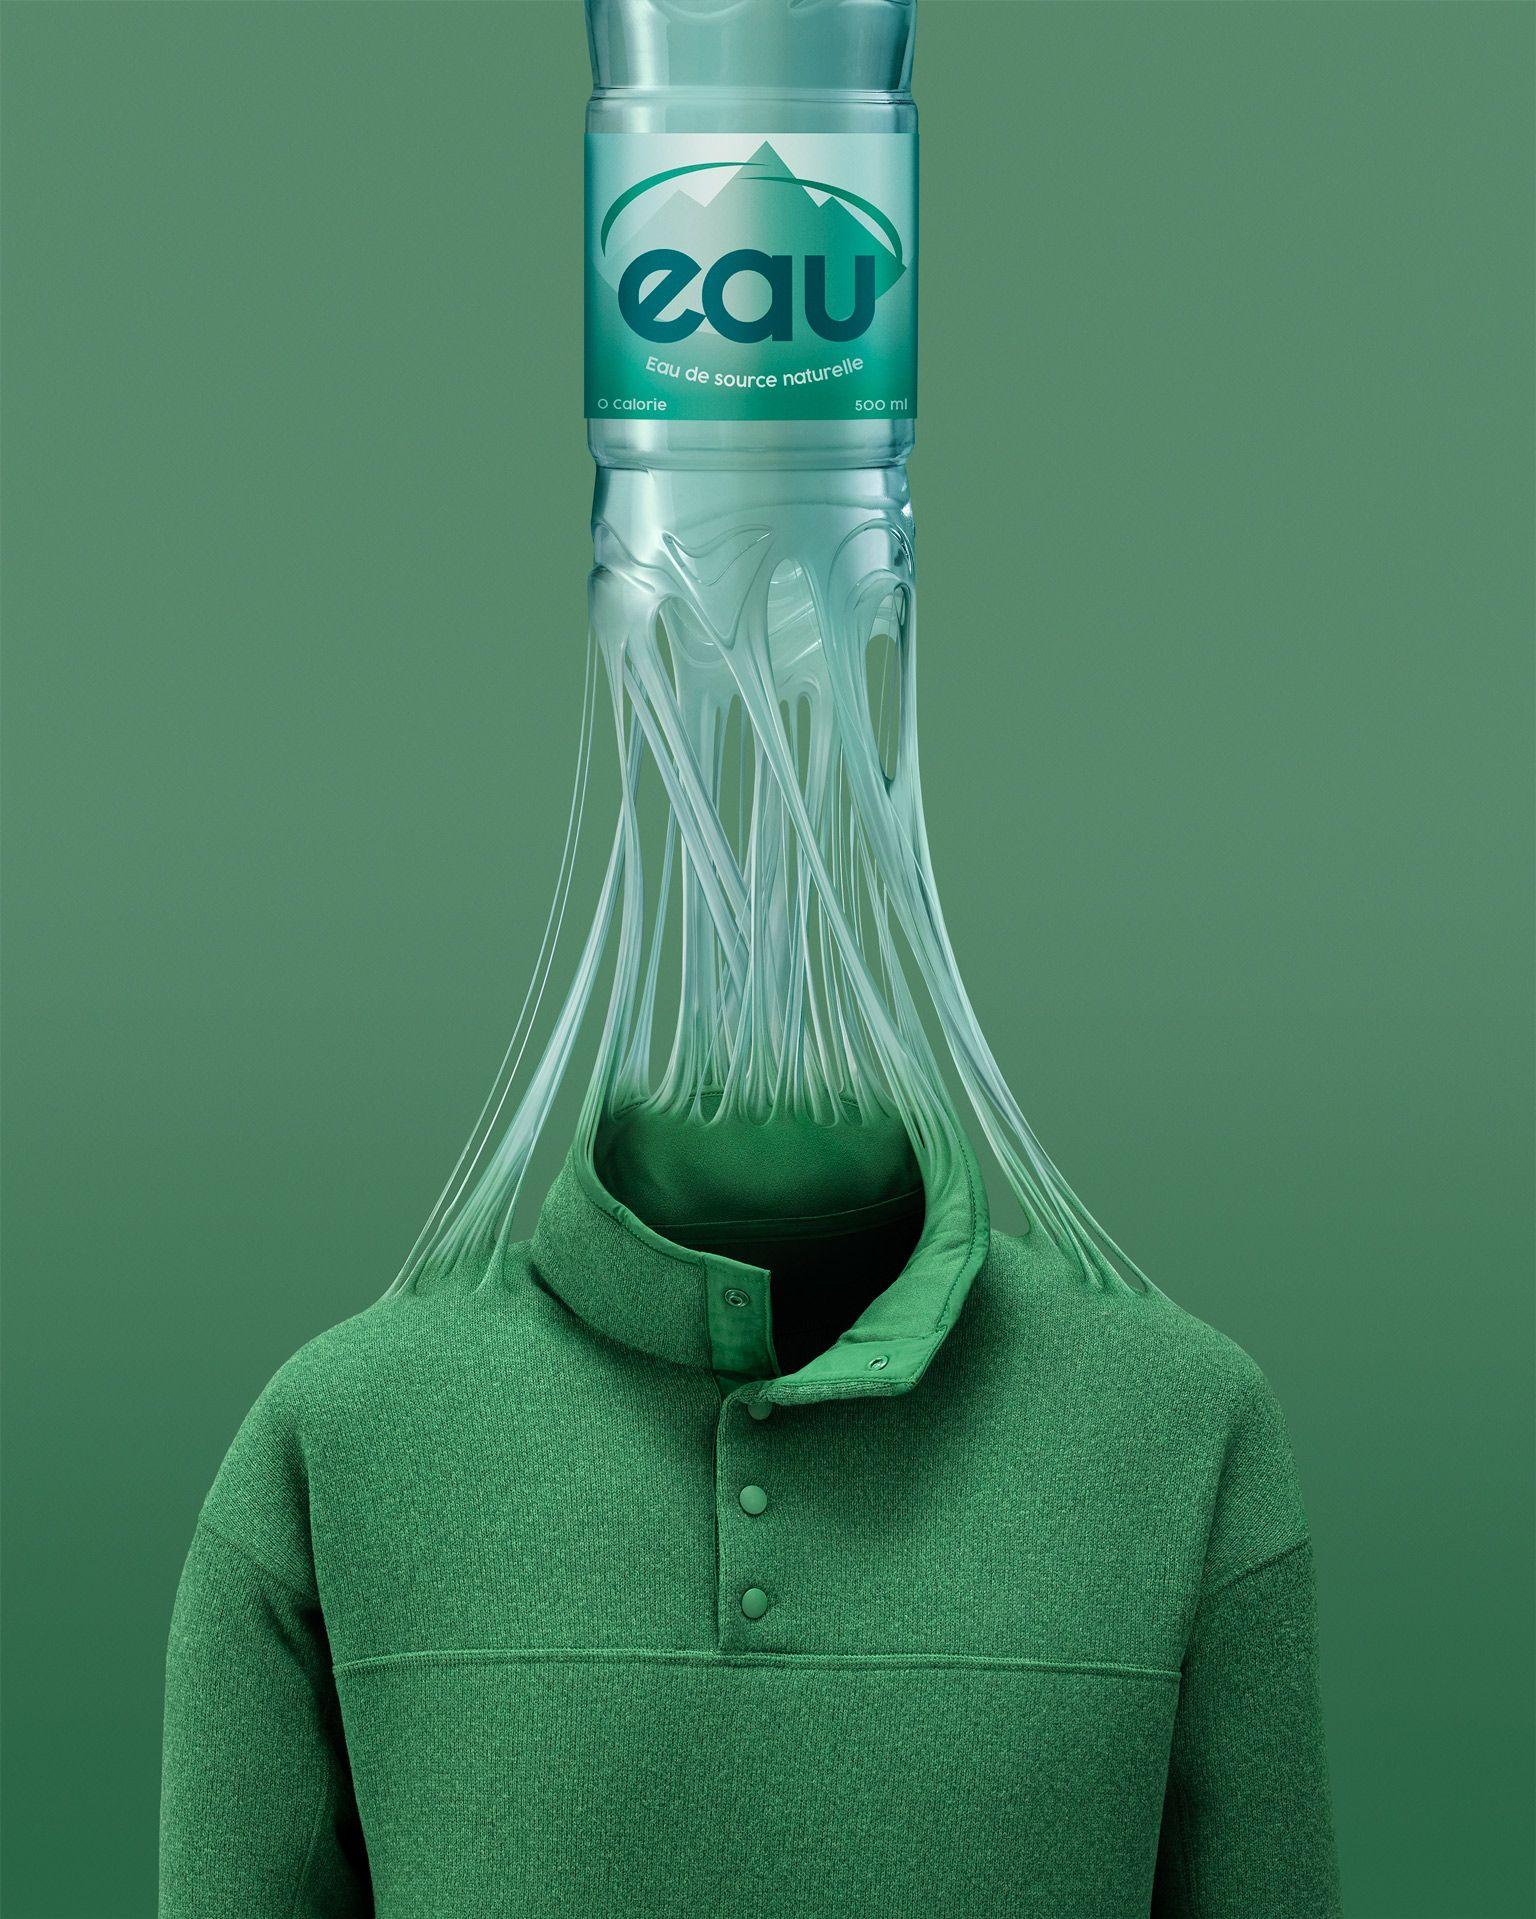 montage photo d'une bouteille d'eau en plastique se transformant en chandail par Mathieu Lévesque pour Recyc-Québec